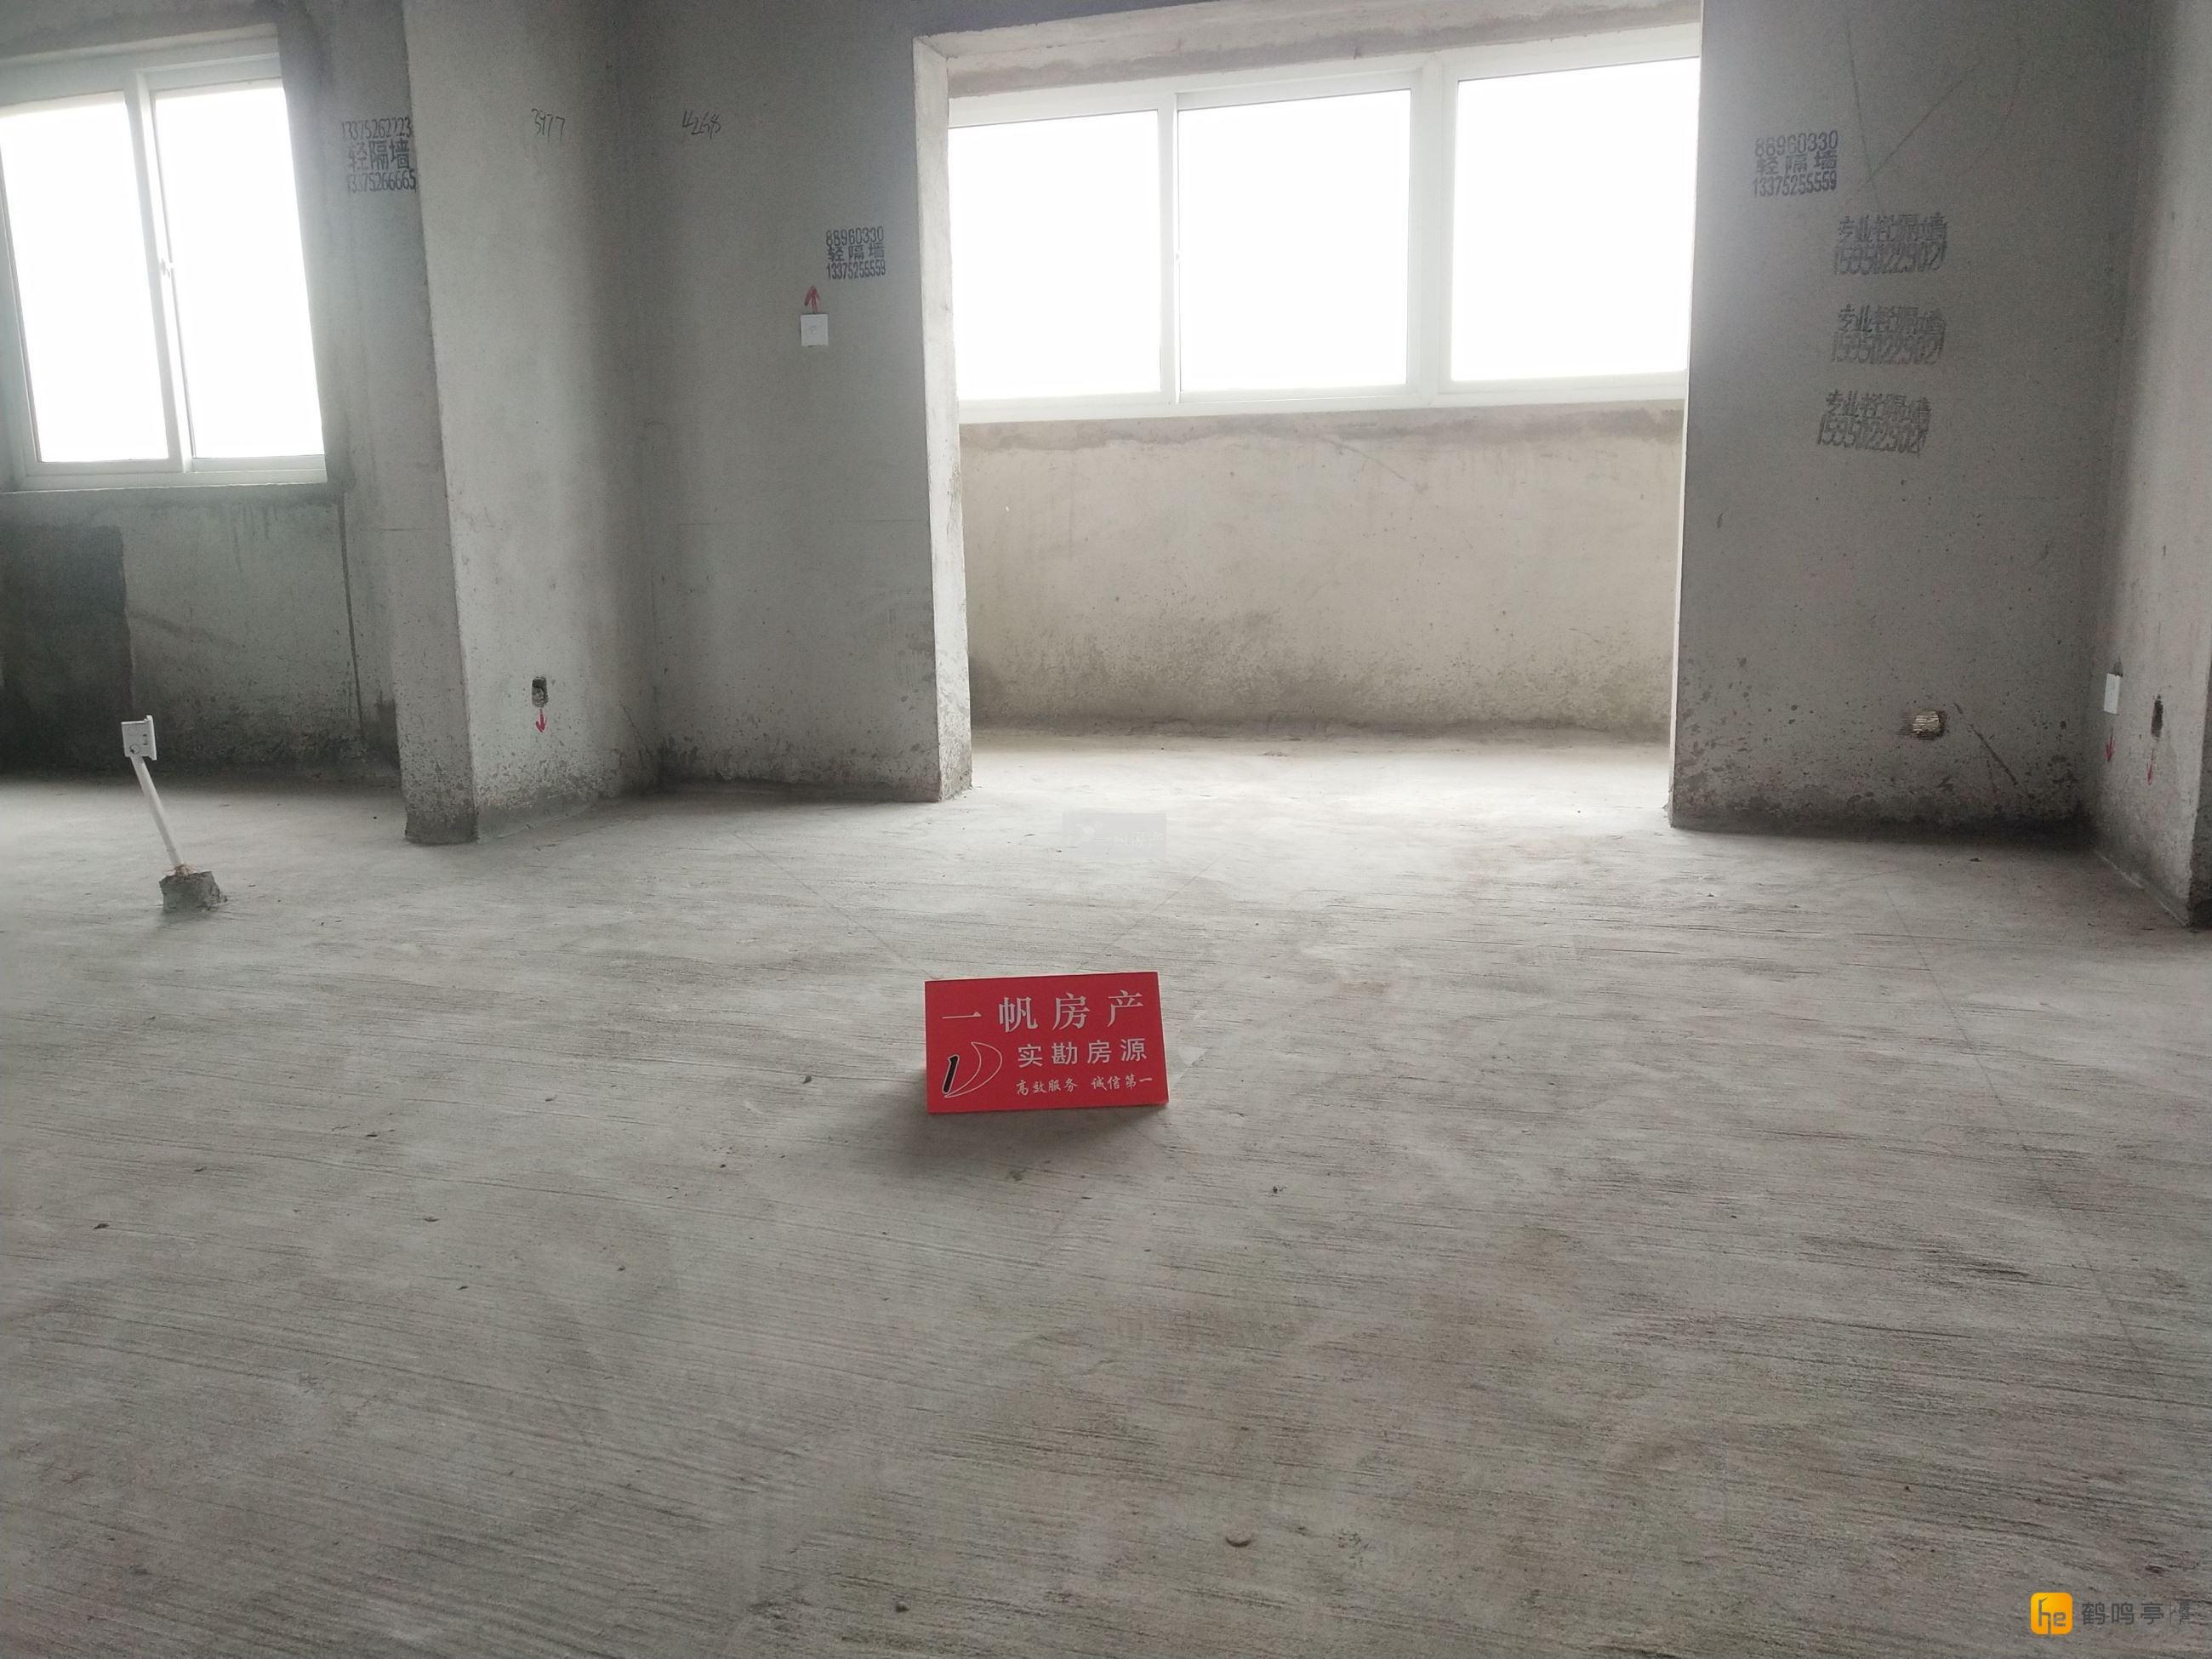 腾飞新城 三房 17楼 毛坯 134平米 11平米车库 117.6万